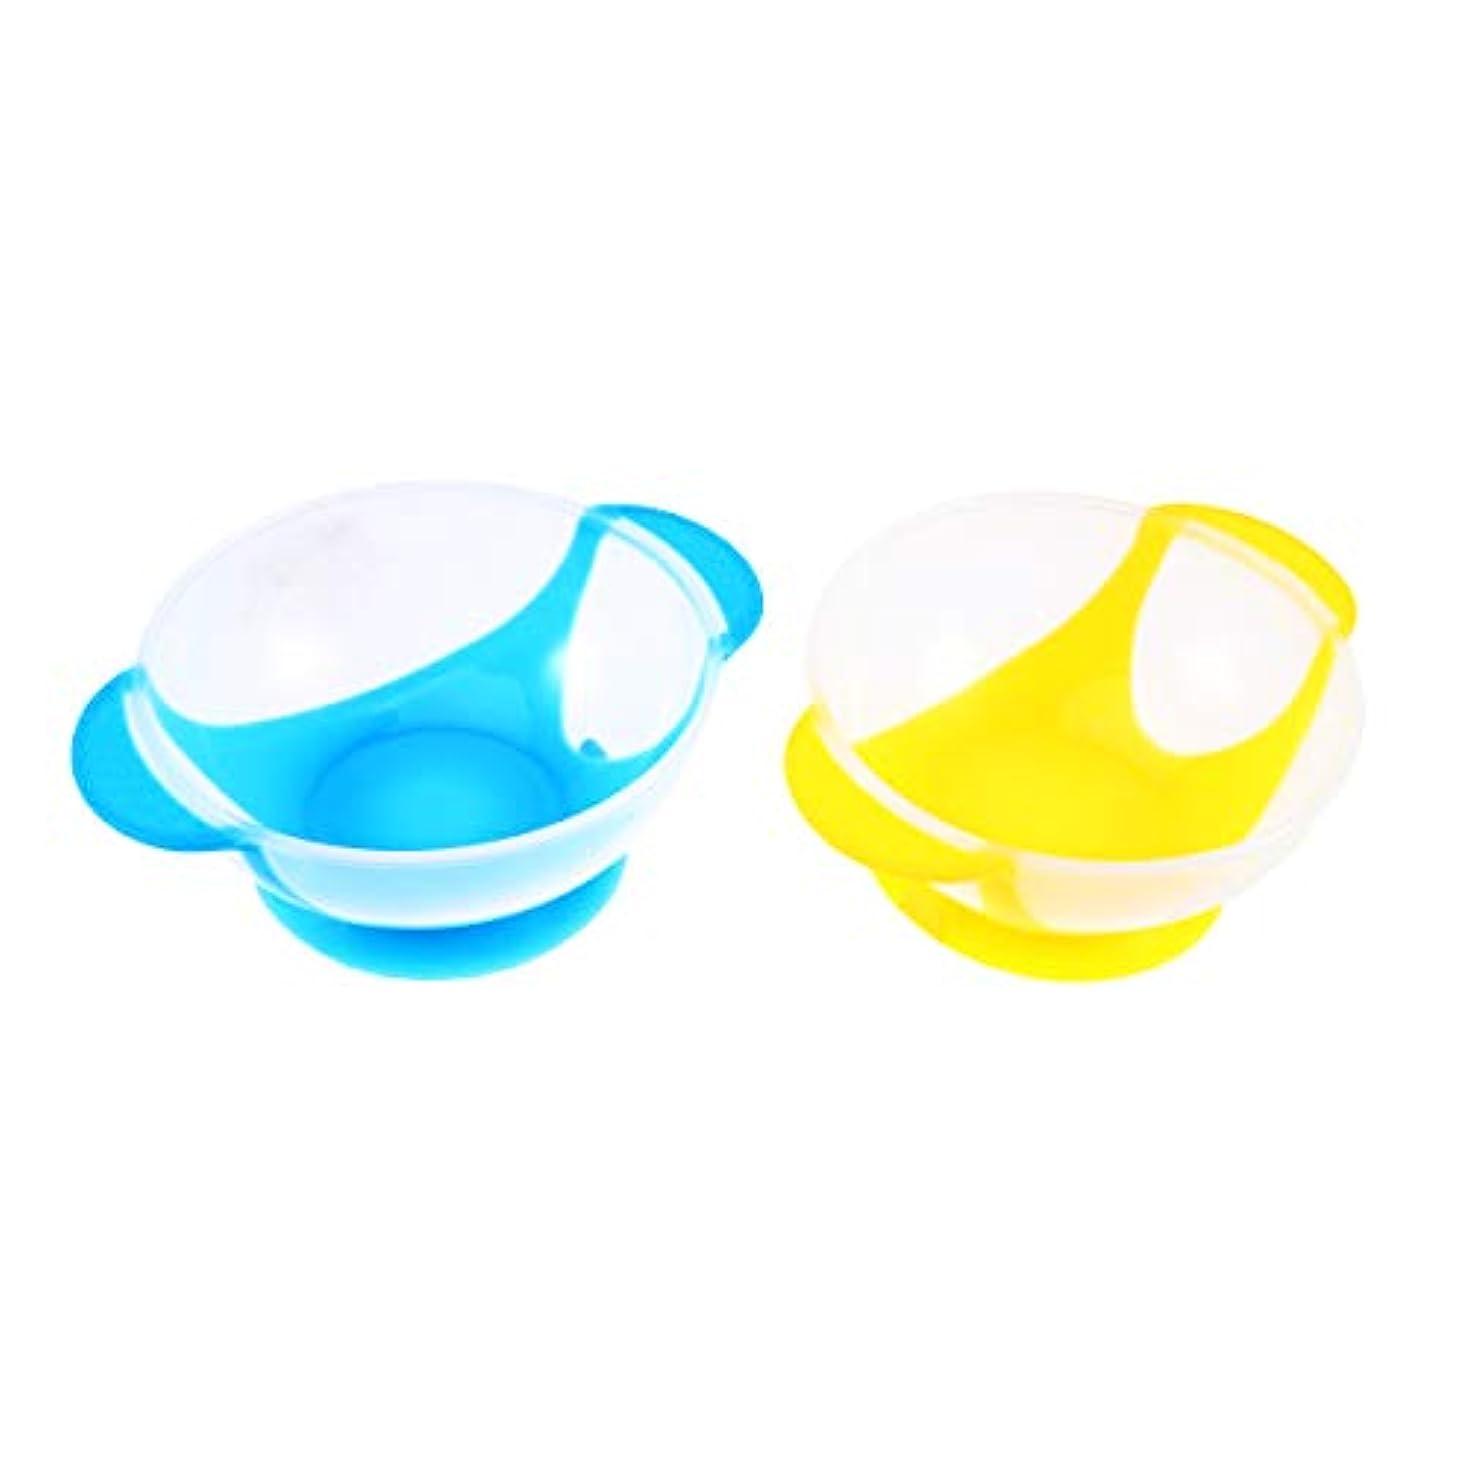 アイデア麺マラソンSUPVOX ヘアカラーボウルプラスチック混合色合いボウルヘアダイボウルDIYオイルトリートメントツール用ホームサロン用(ランダムカラー)